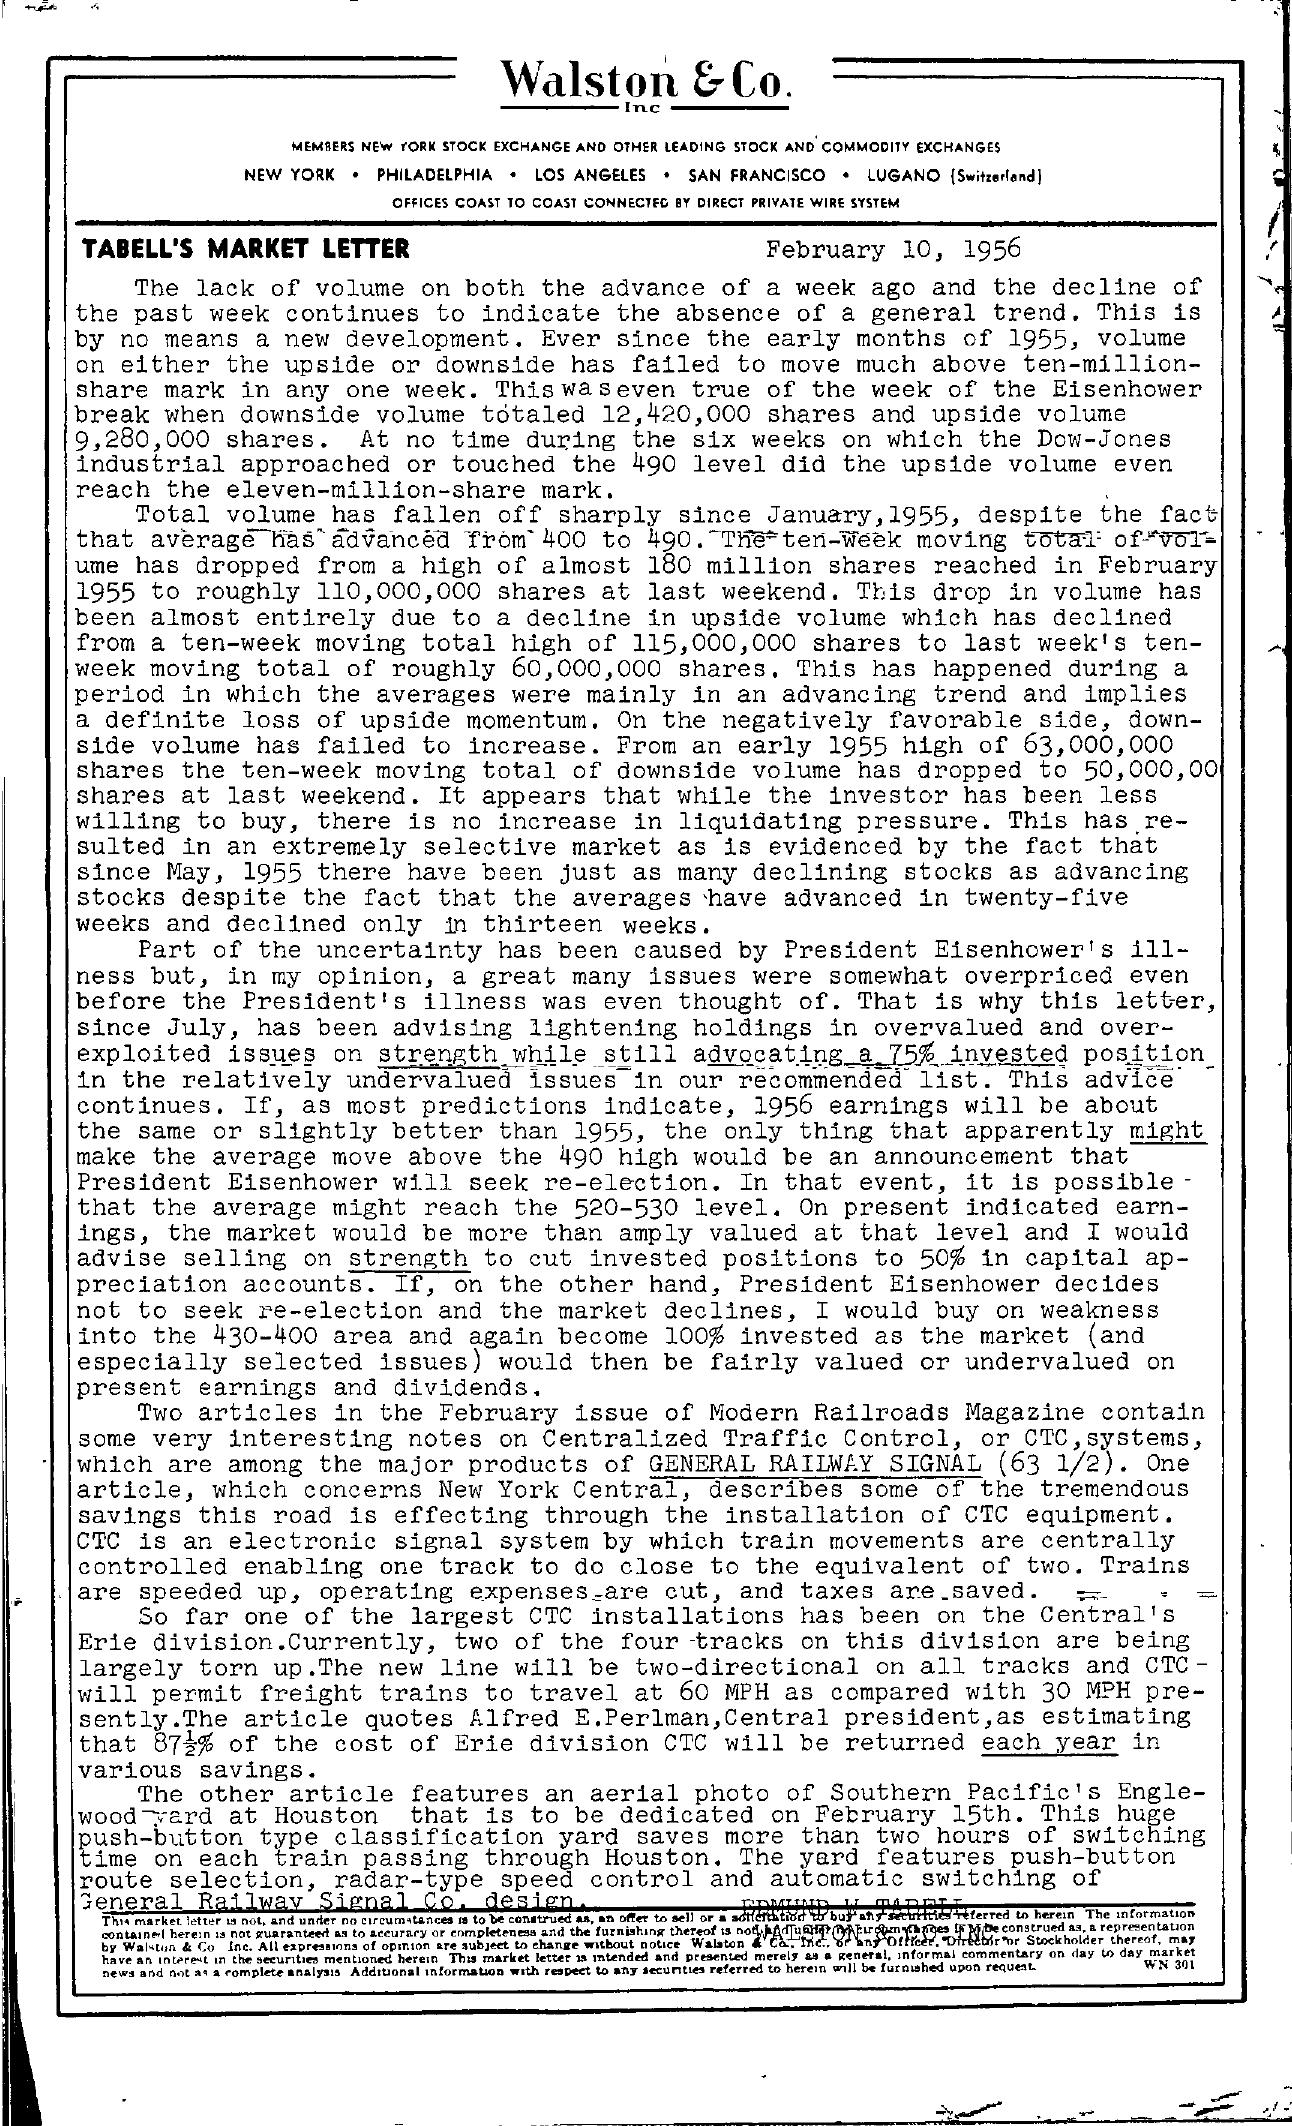 Tabell's Market Letter - February 10, 1956